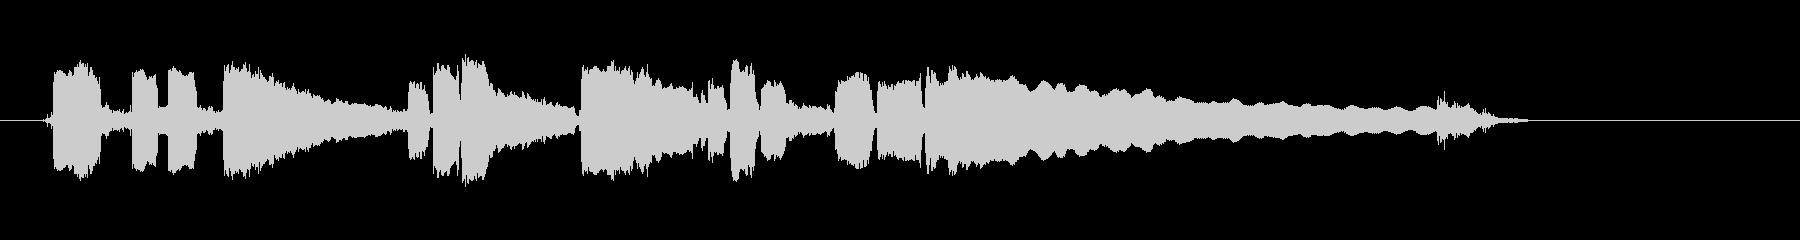 ブルースギター-ショートソロ3の未再生の波形